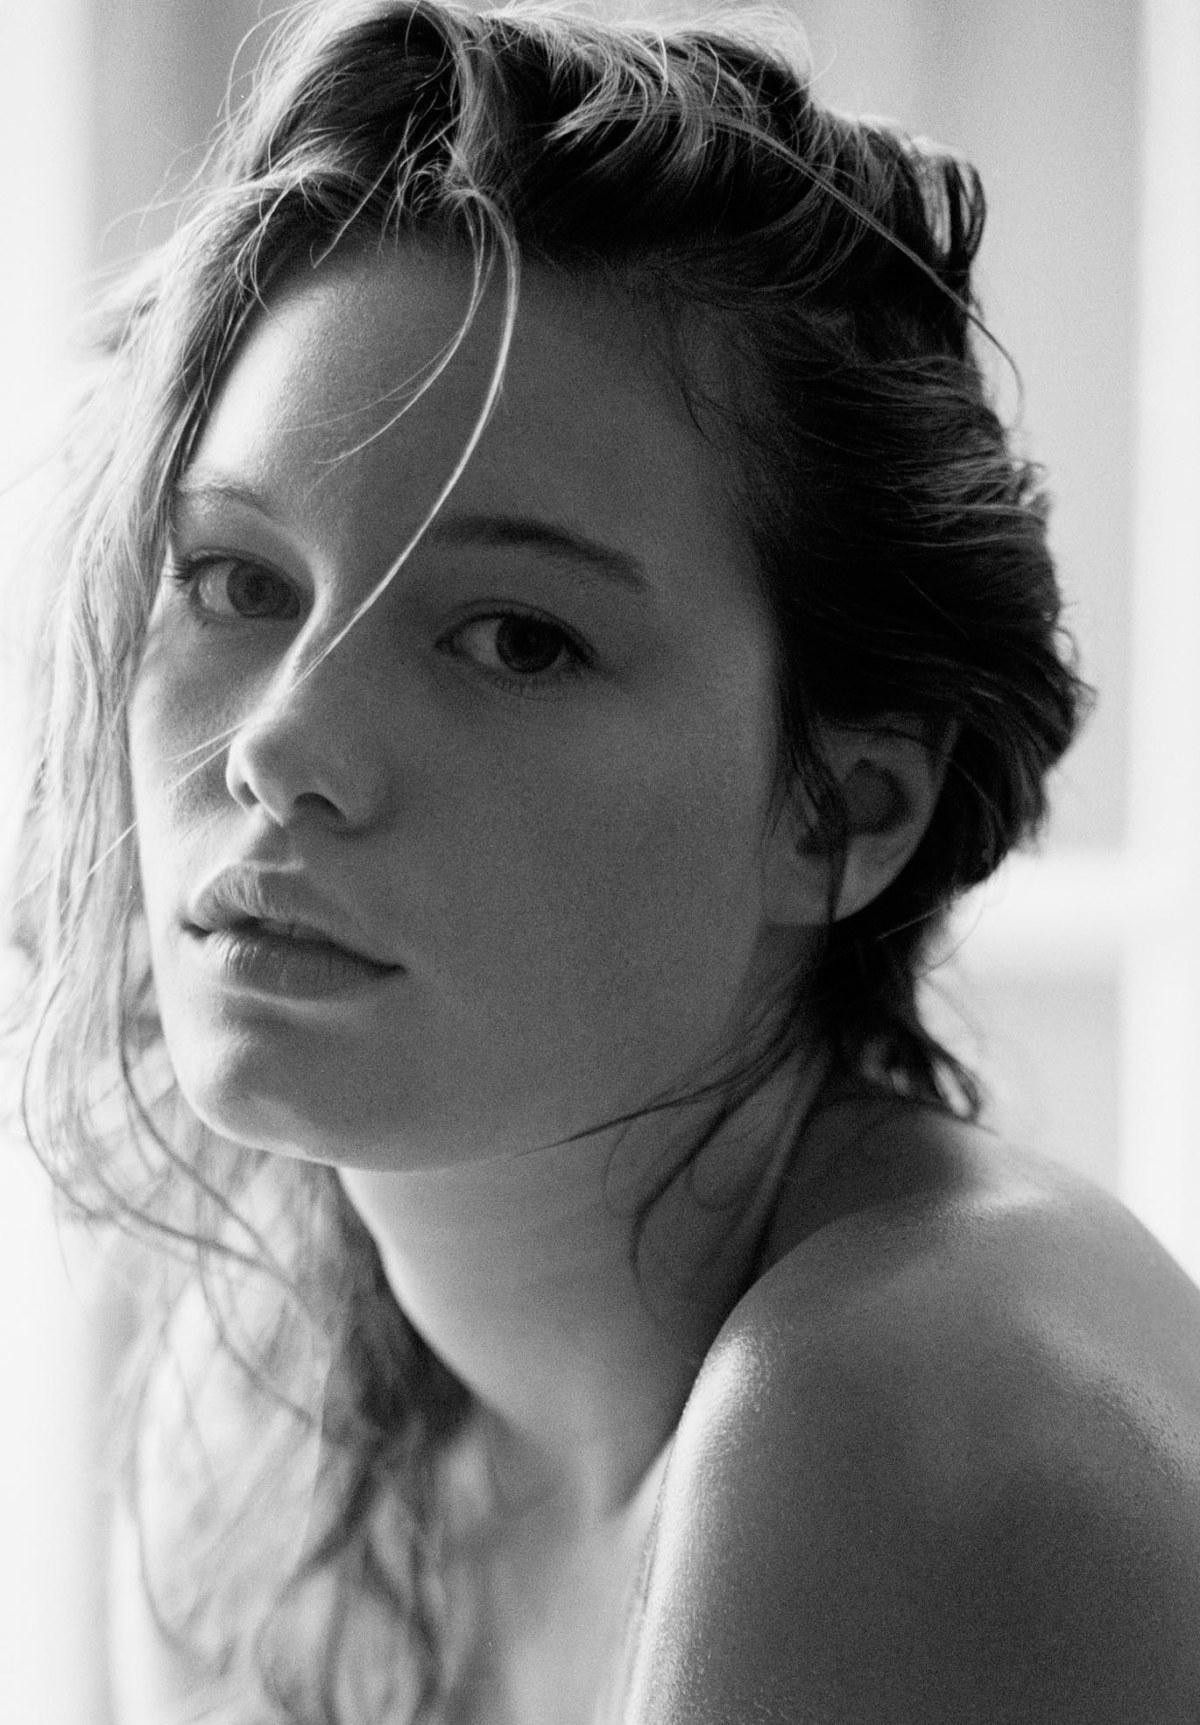 wm-models-just-wm-management-paris-mannequin-mannequinat-fashion-famous-model-agency-catwalk-defiles-mode-beauty-fashion-consulting-endorsement-beaute-agence-modeling-celebrite-cel2